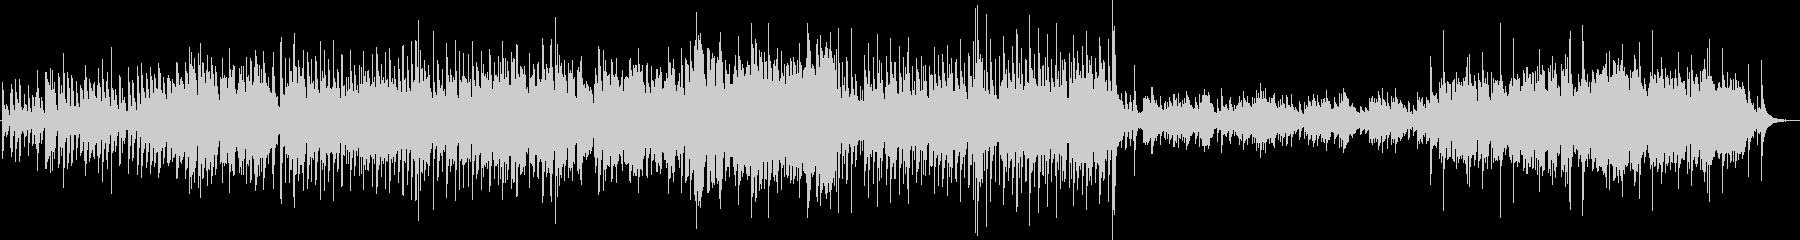 怪しい黒猫の幻想的なマリンバ/ハープ合奏の未再生の波形